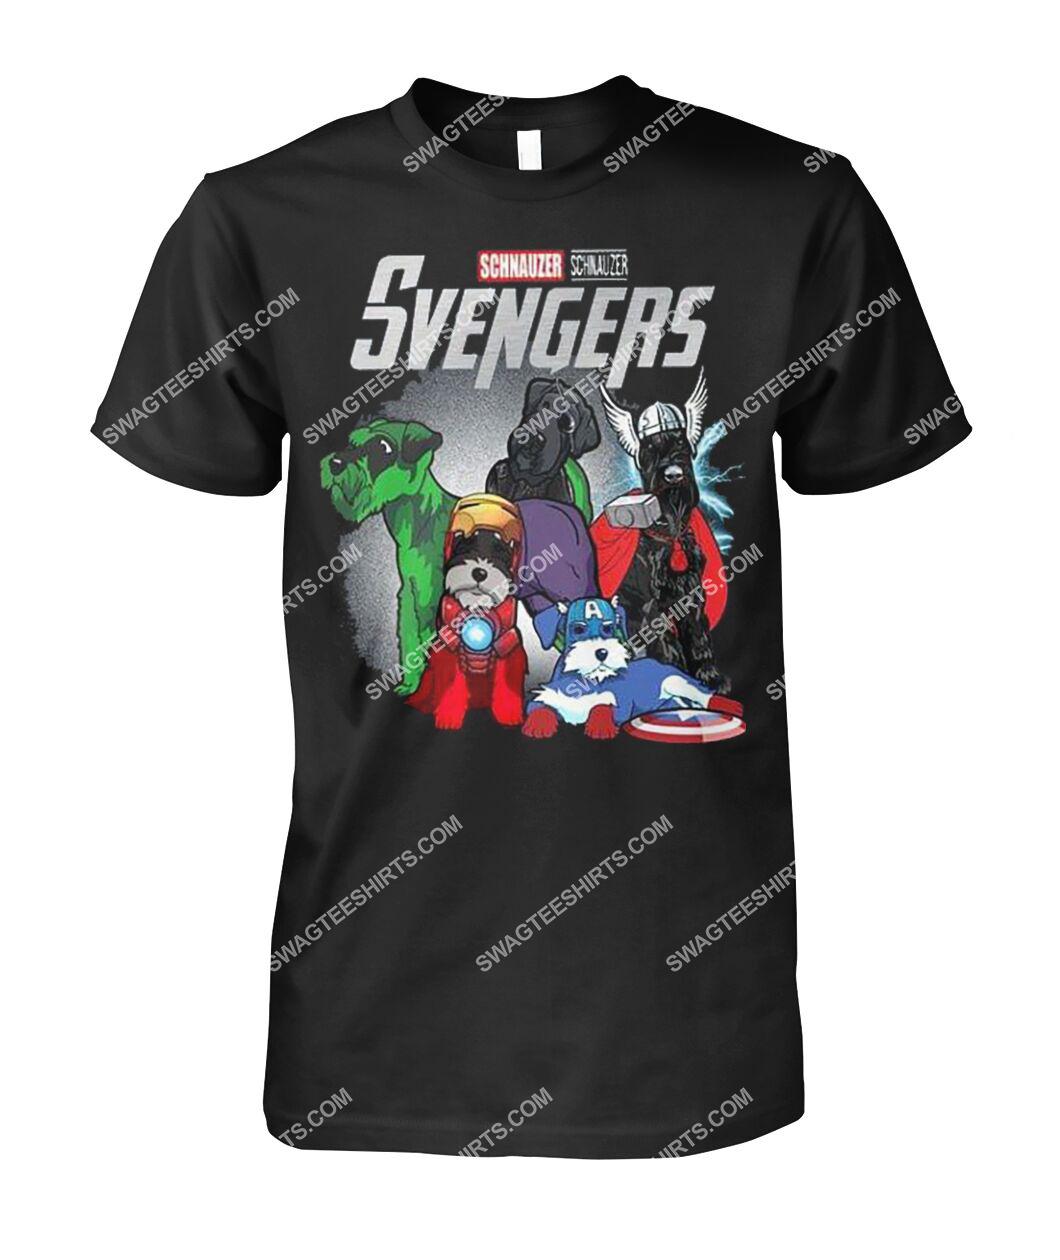 schnauzer svengers marvel avengers dogs lover tshirt 1